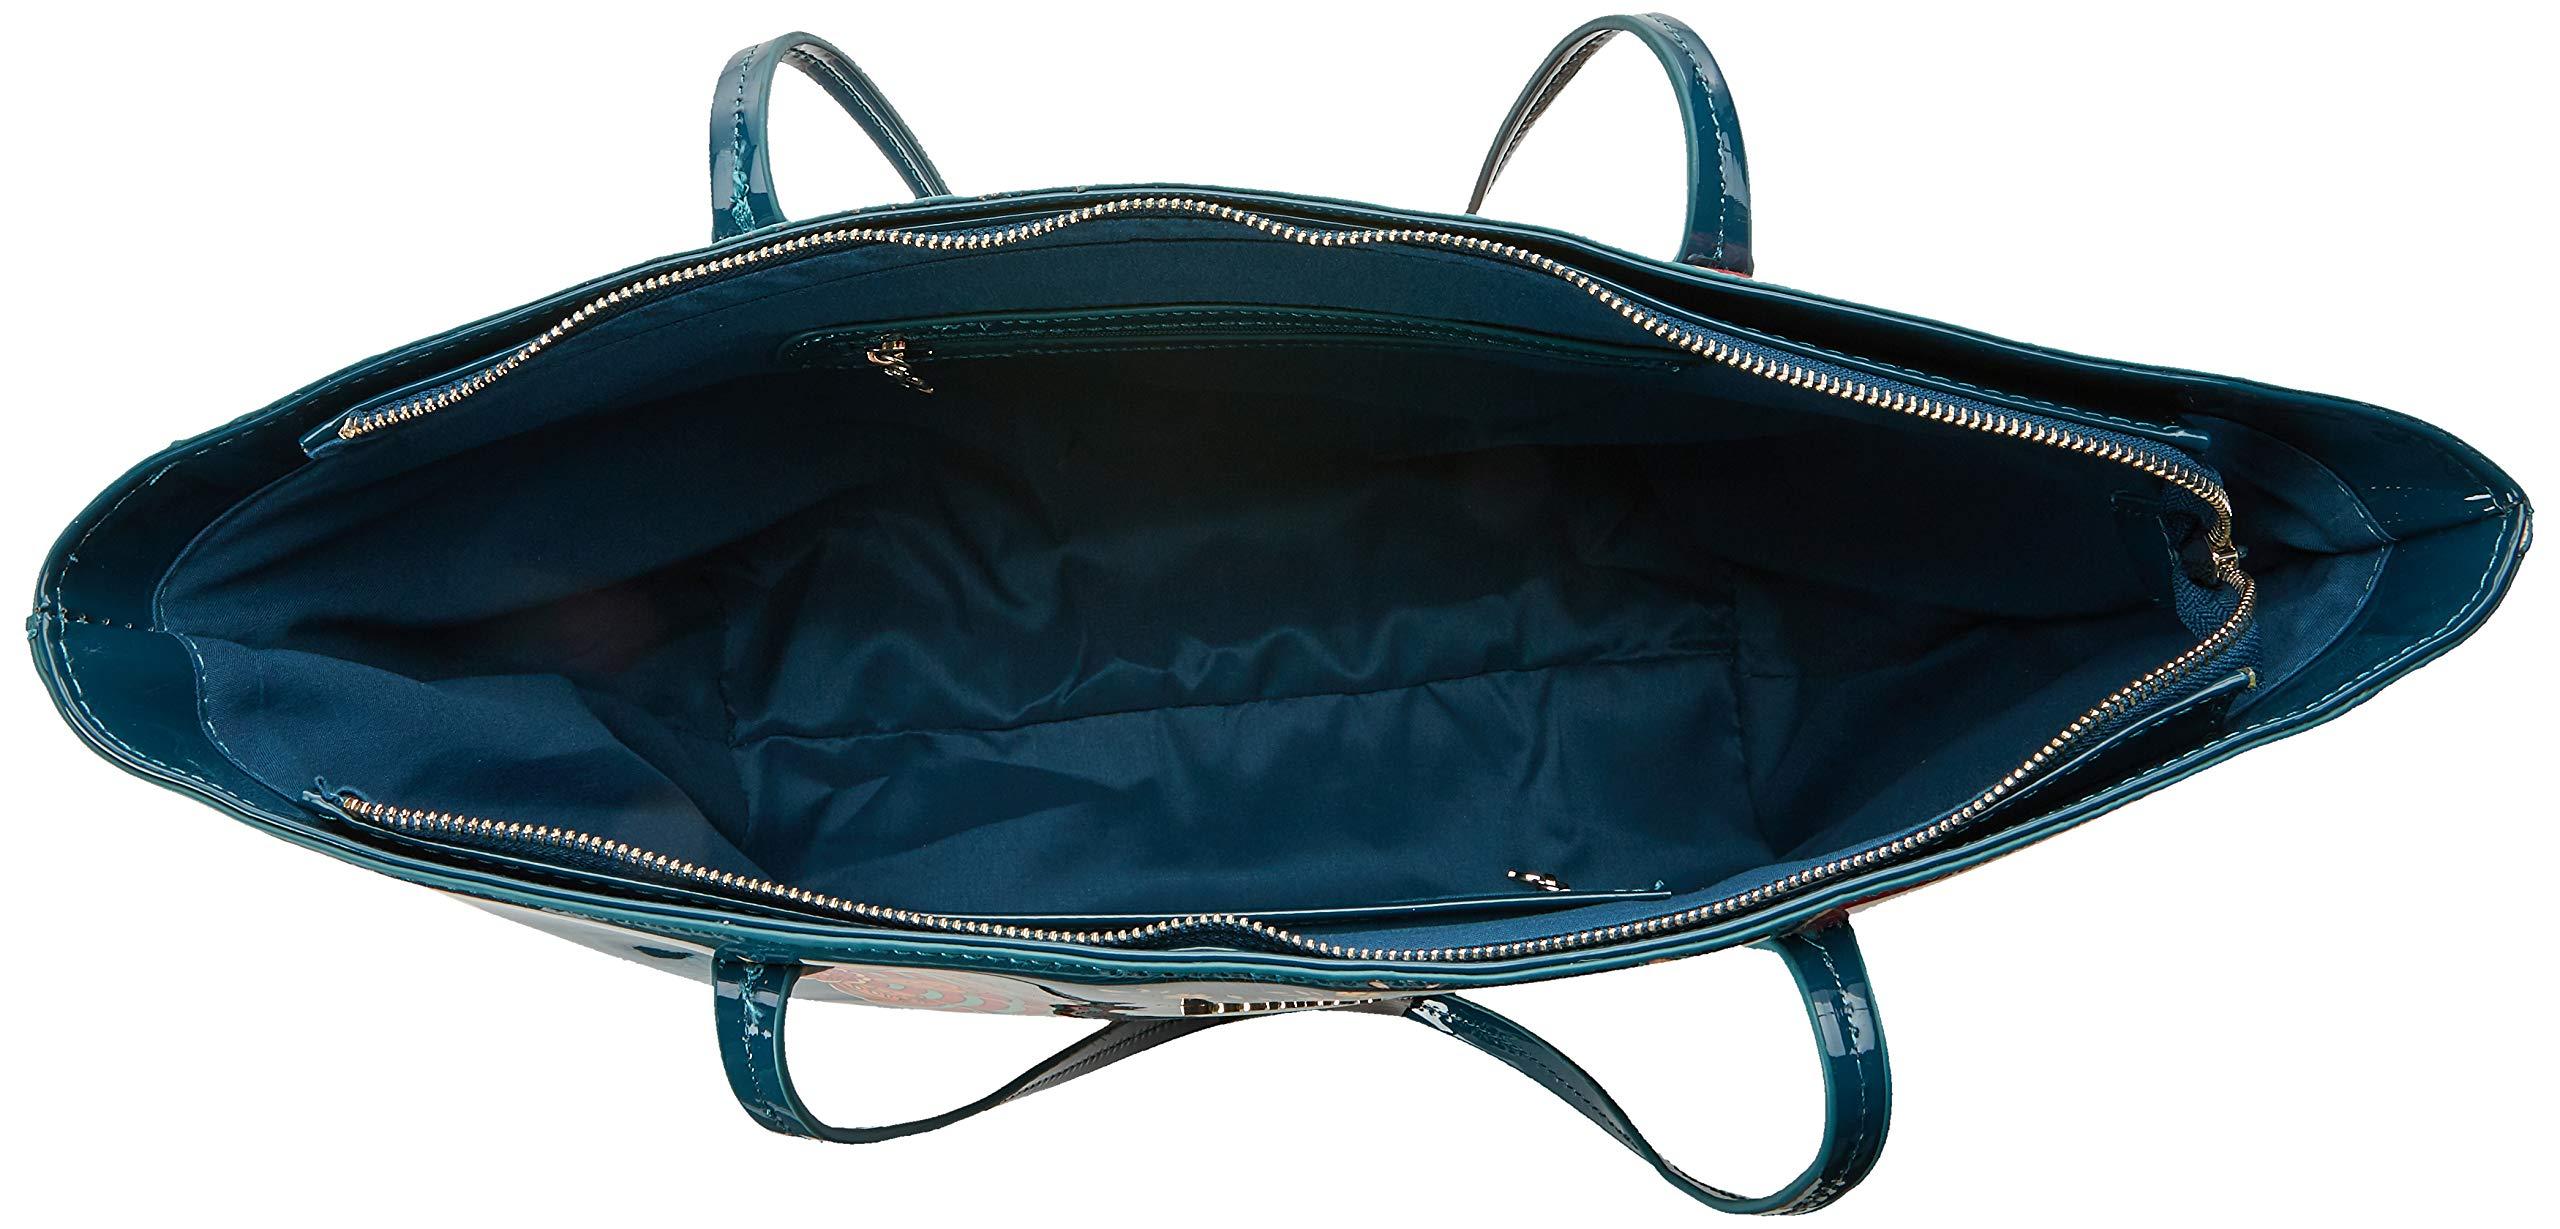 Desigual Bols_discovery_capri Zipper - Borse a spalla Donna, Blu (Petrucho), 13x28x30 cm (B x H T) 5 spesavip